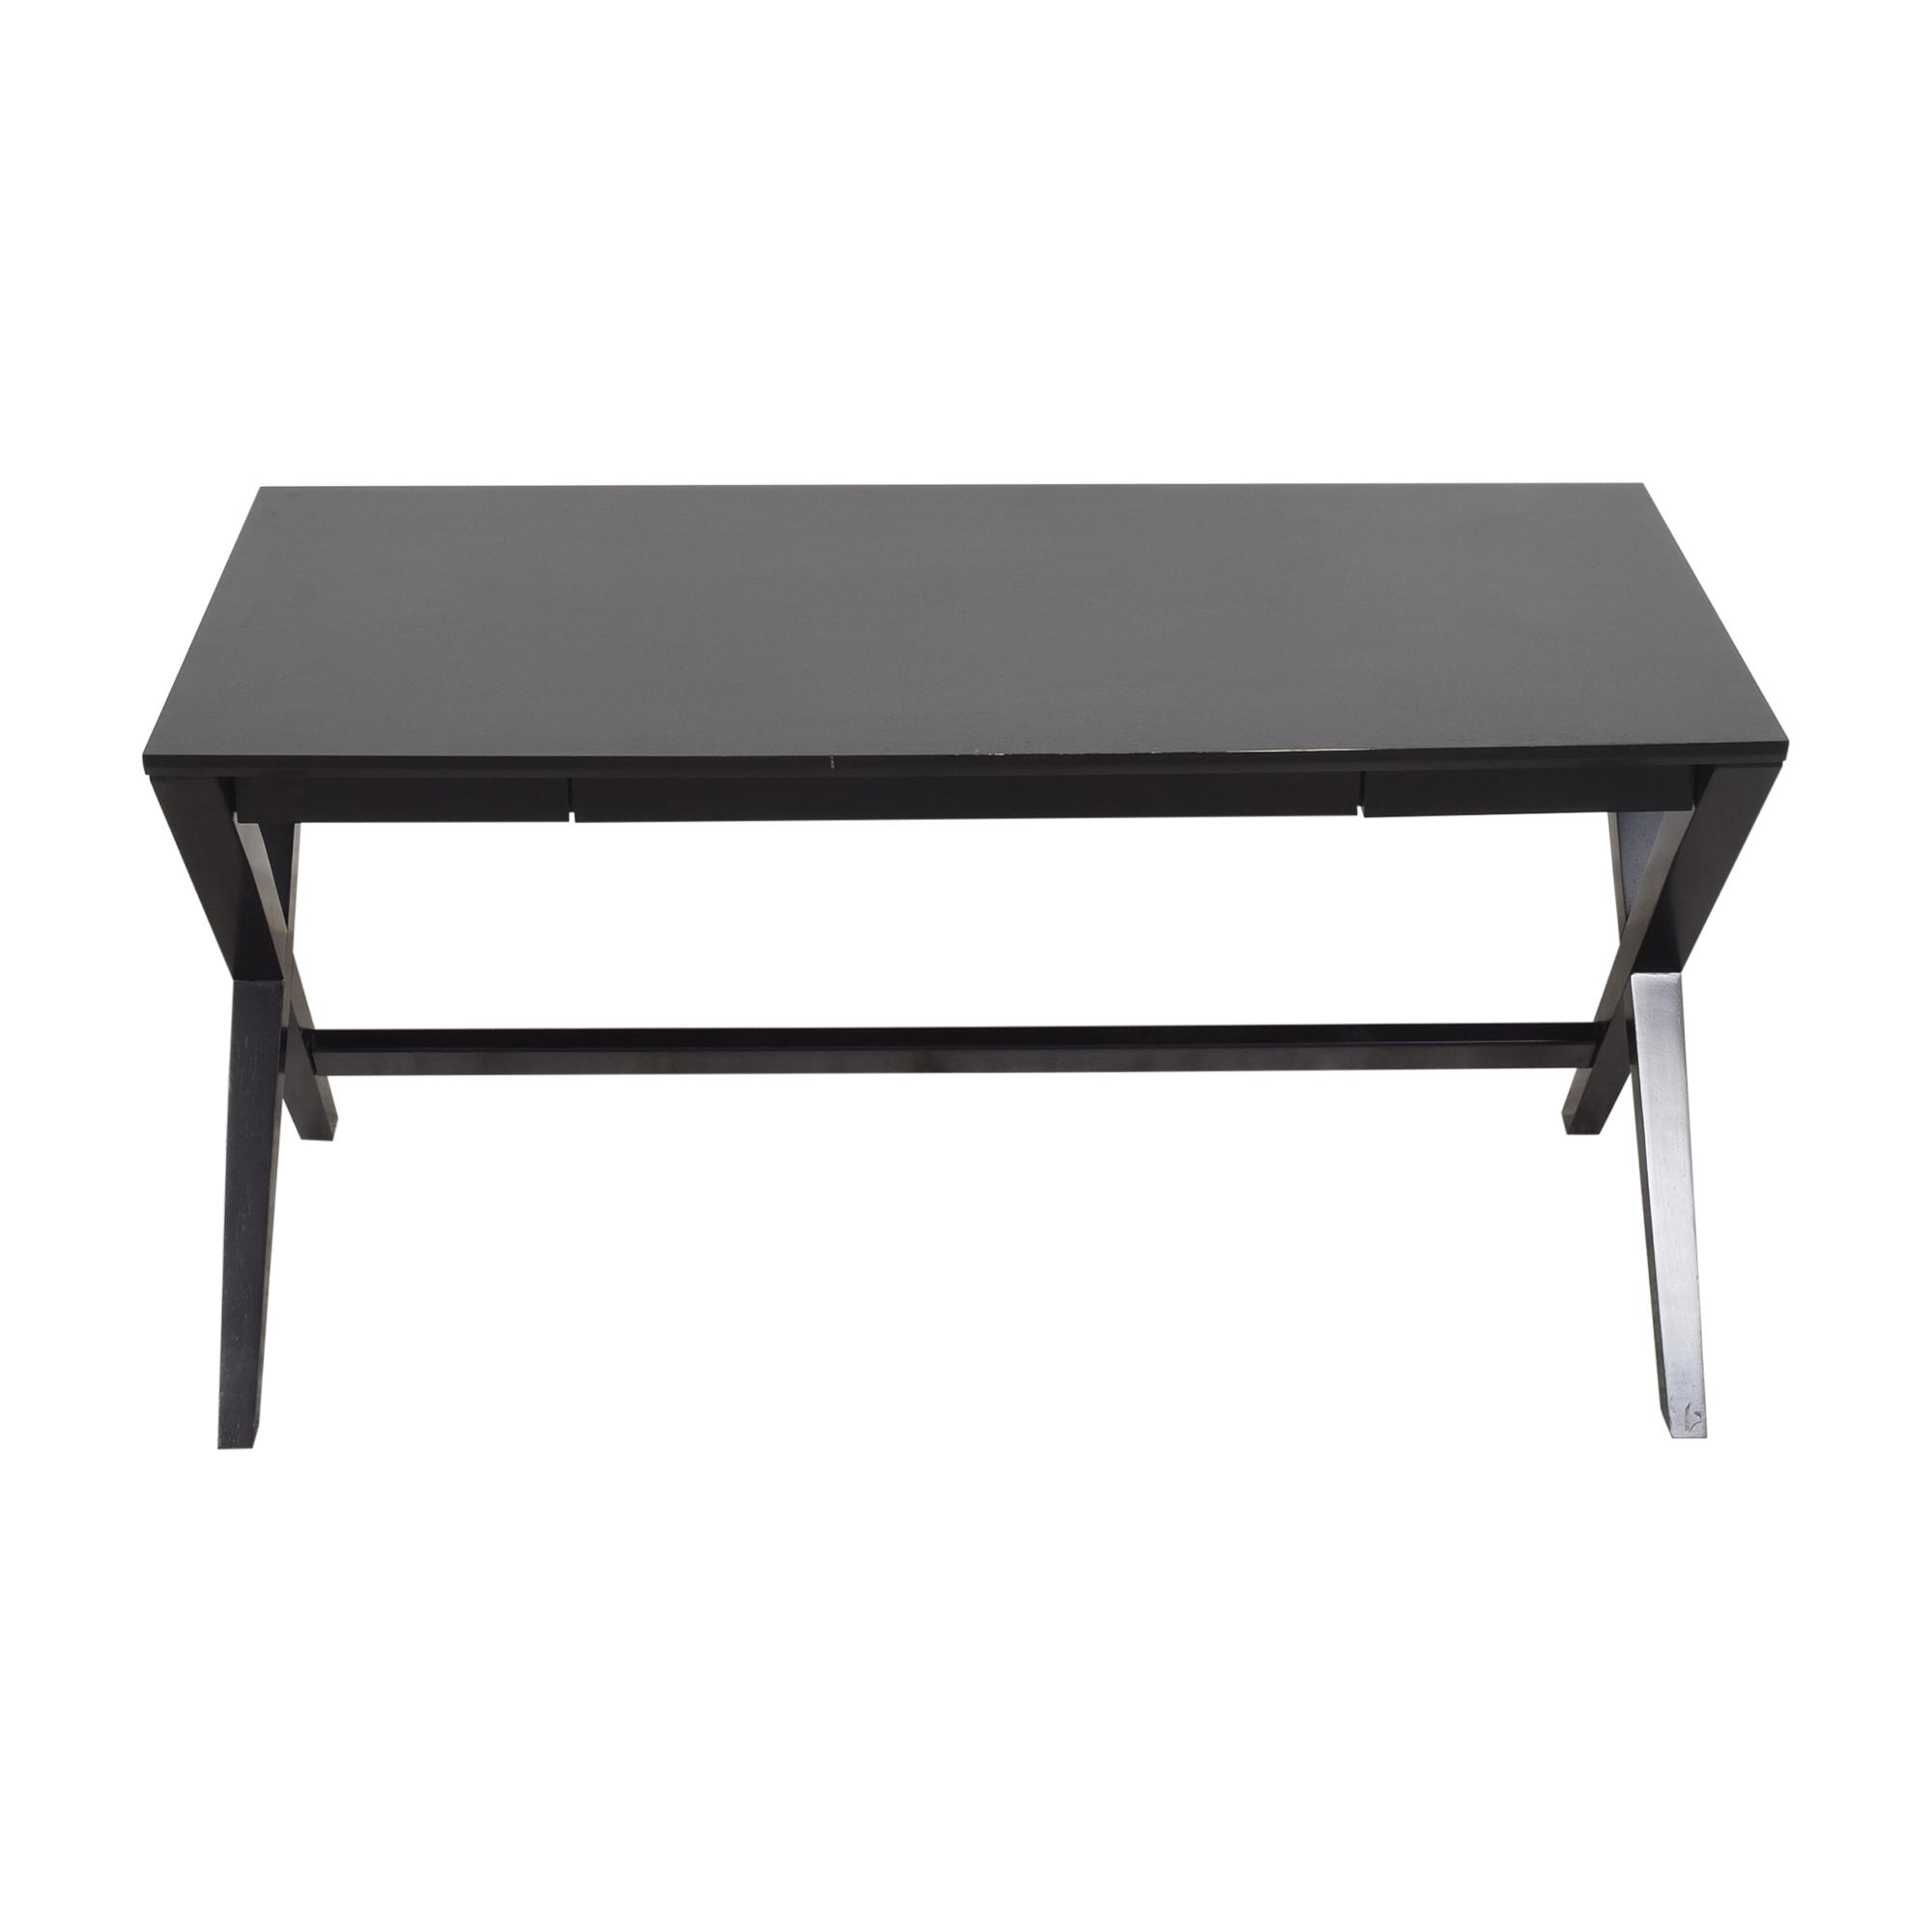 Crate & Barrel Spotlight X Leg Desk sale